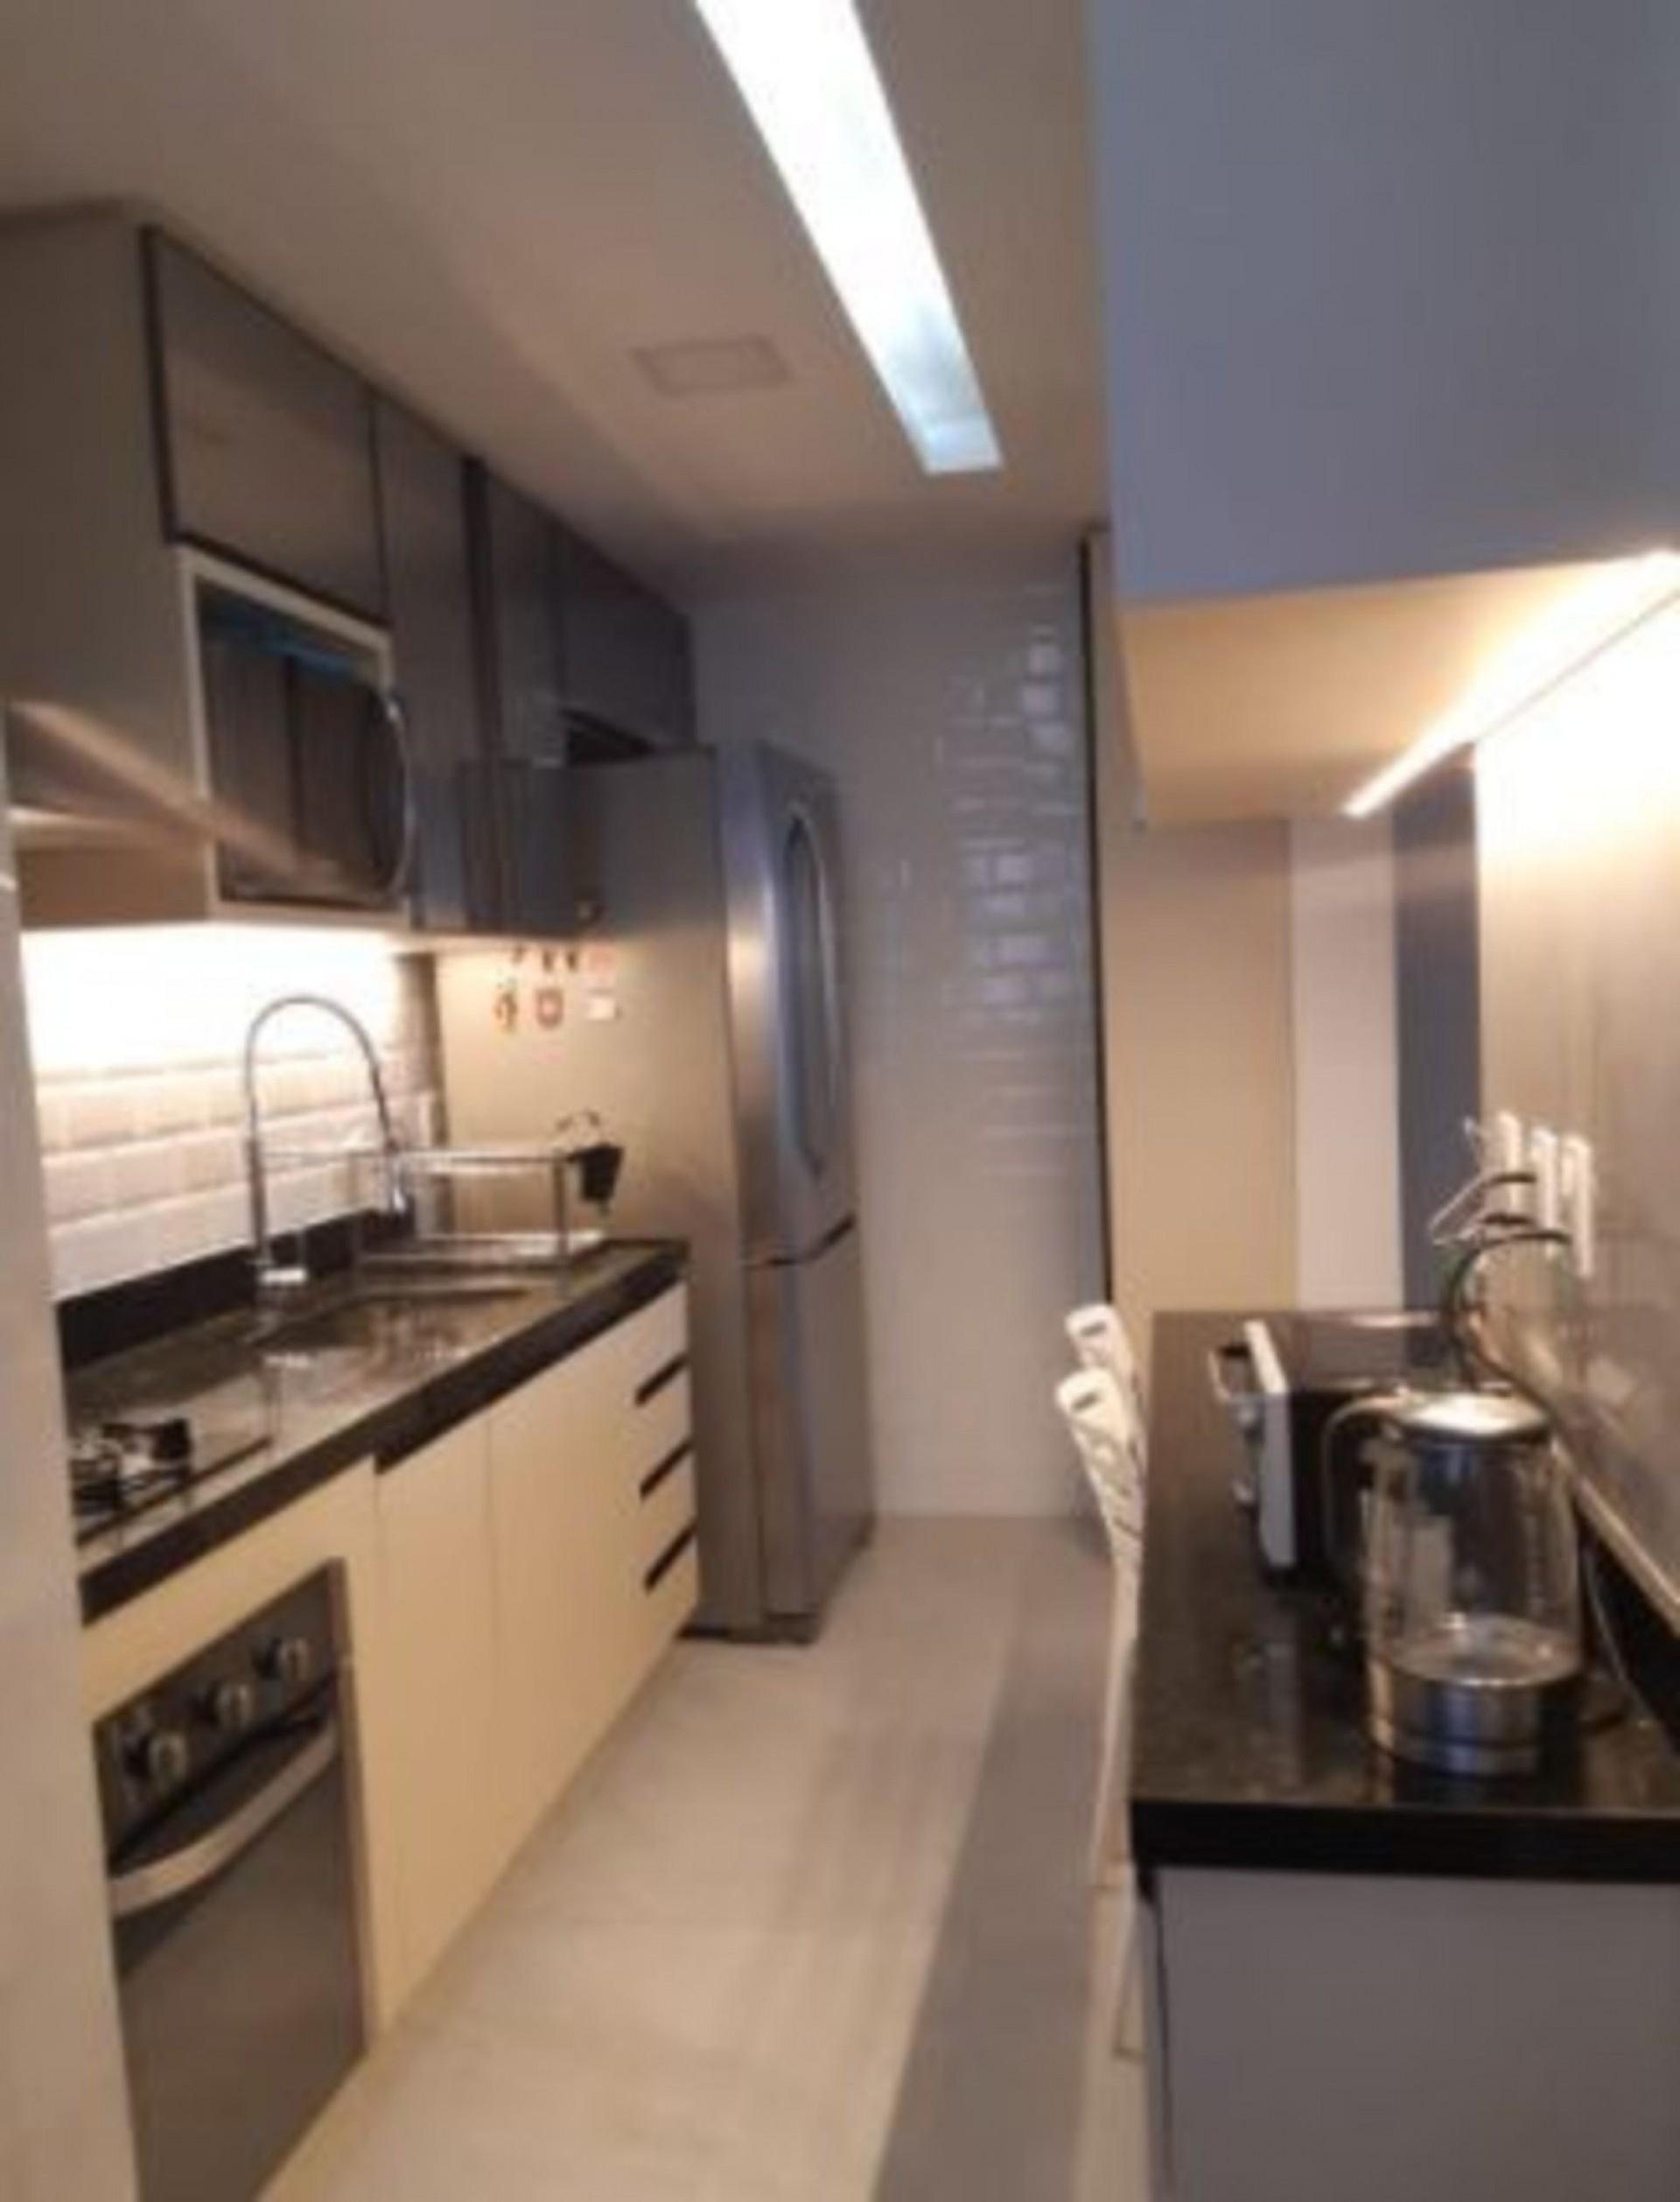 Veja a luz branca no teto e as quentes nas laterais da cozinha(Foto: Arquivo pessoal/Taís Valente)